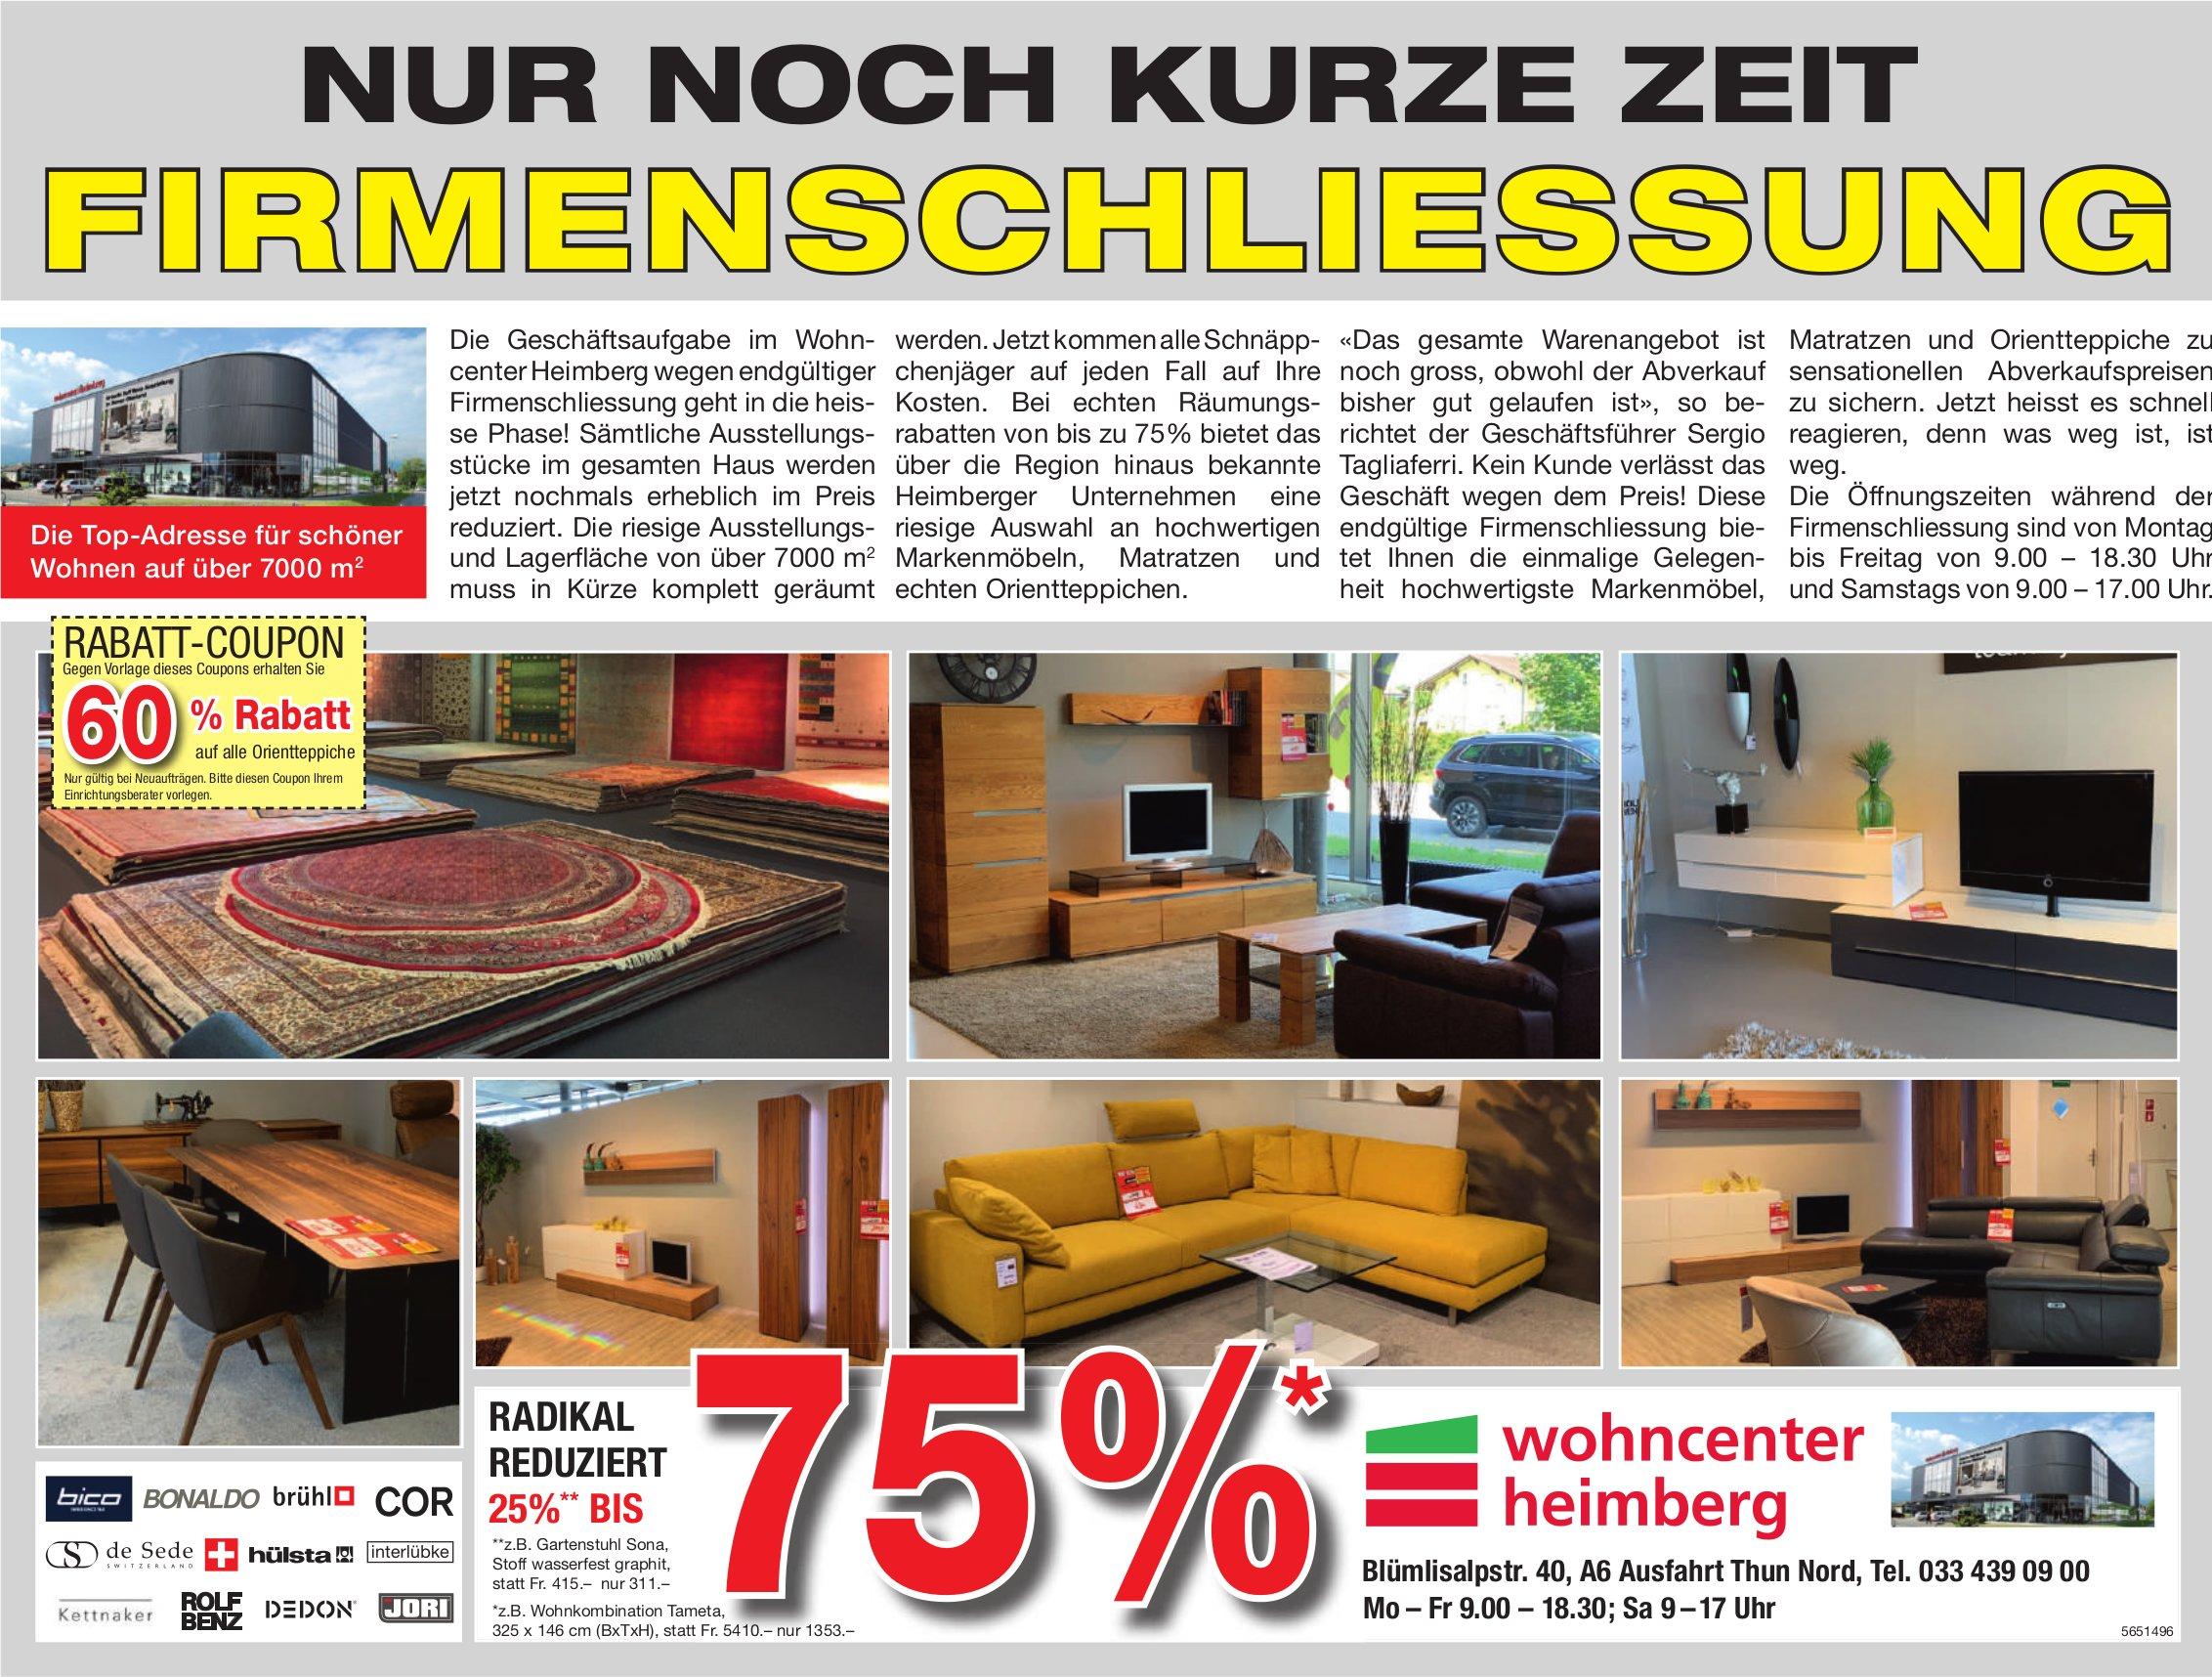 Wohncenter, Heimberg - Nur noch kurze Zeit,  Firmenschliessung